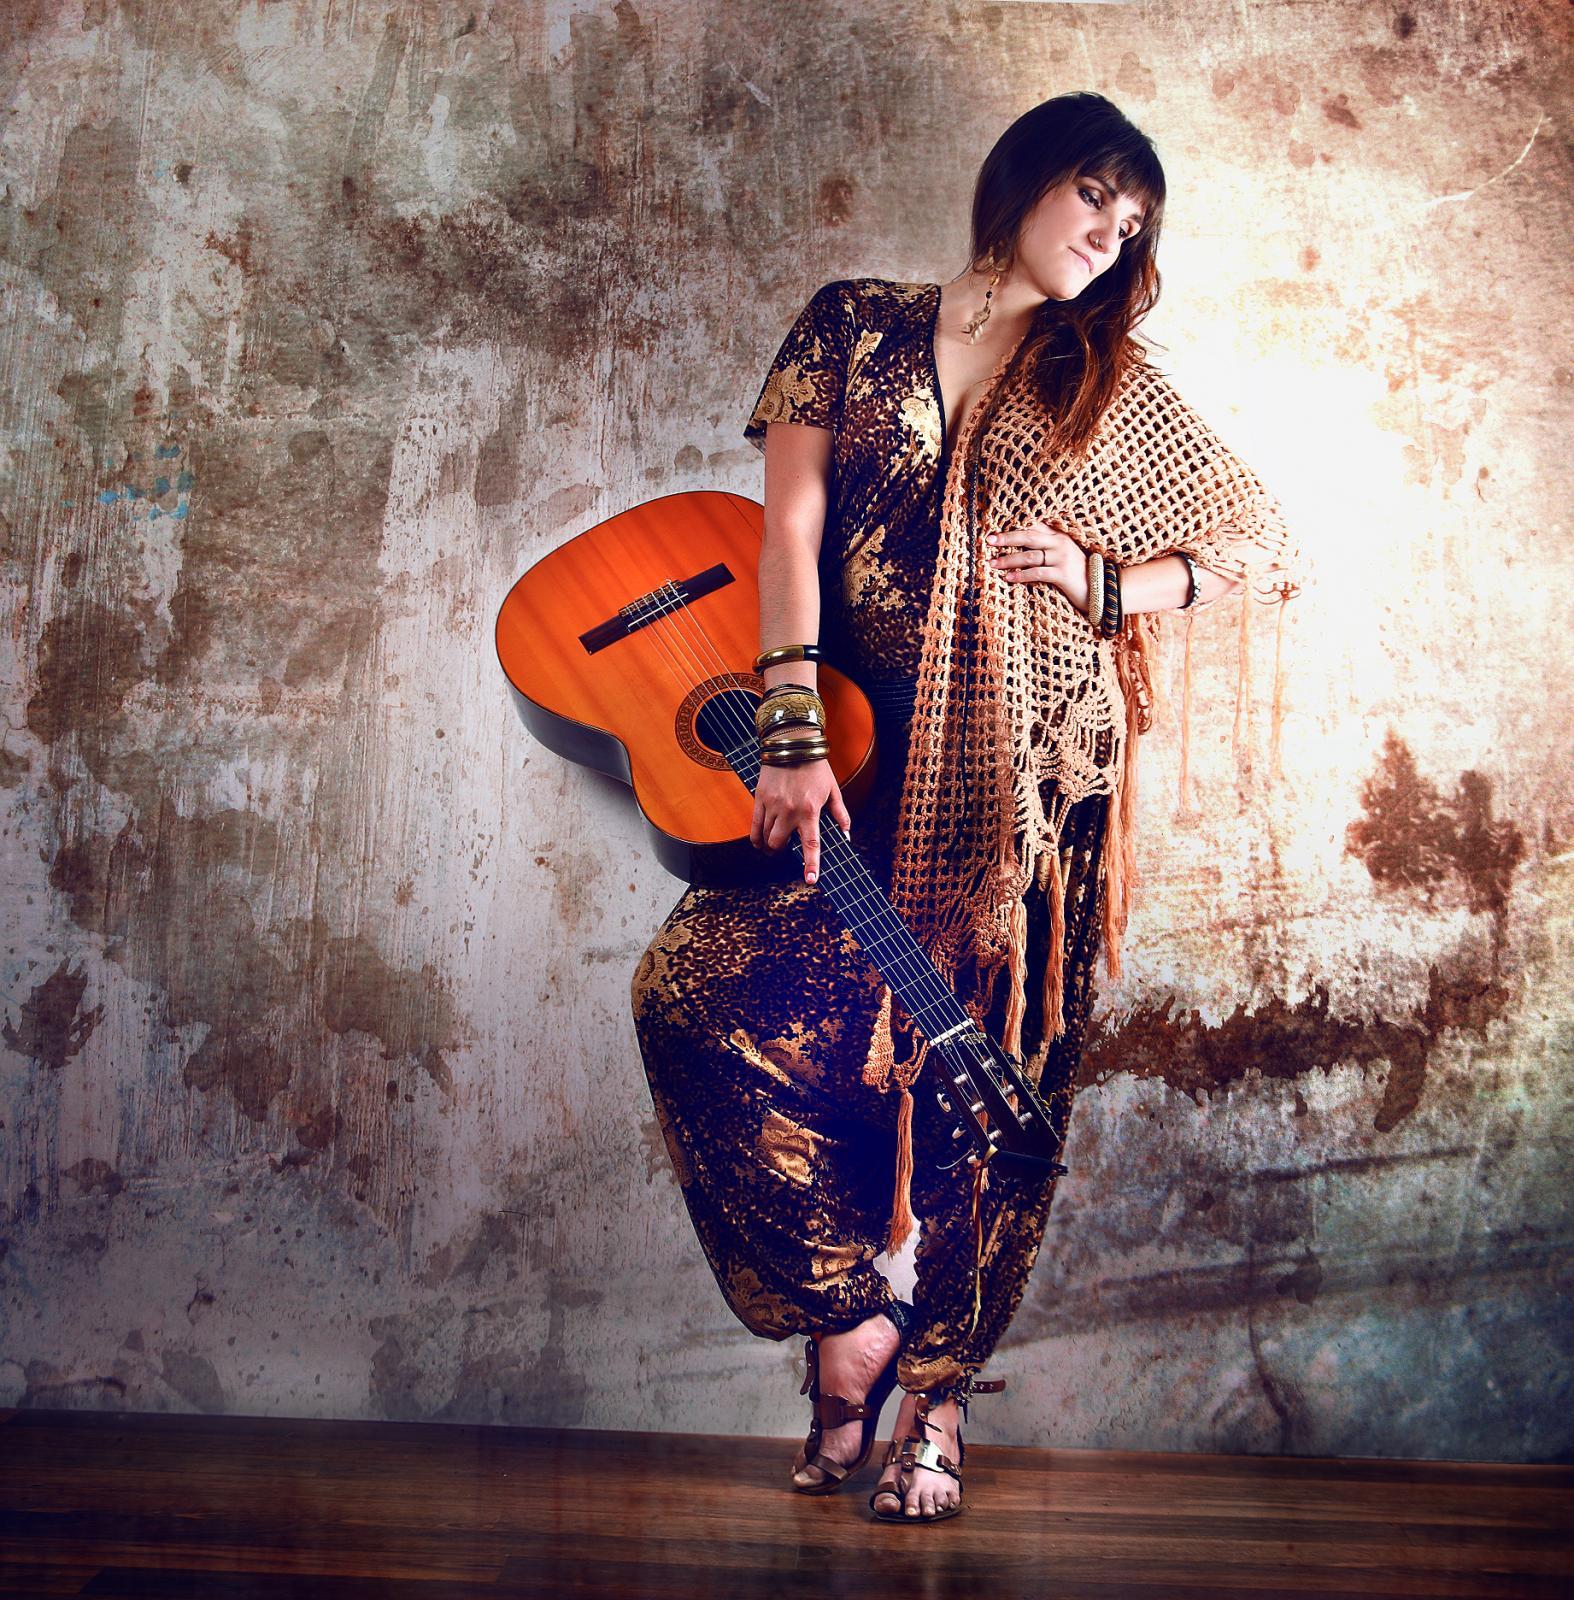 La cantante y compositora Rozalén (Foto: Web oficial Rozalén)